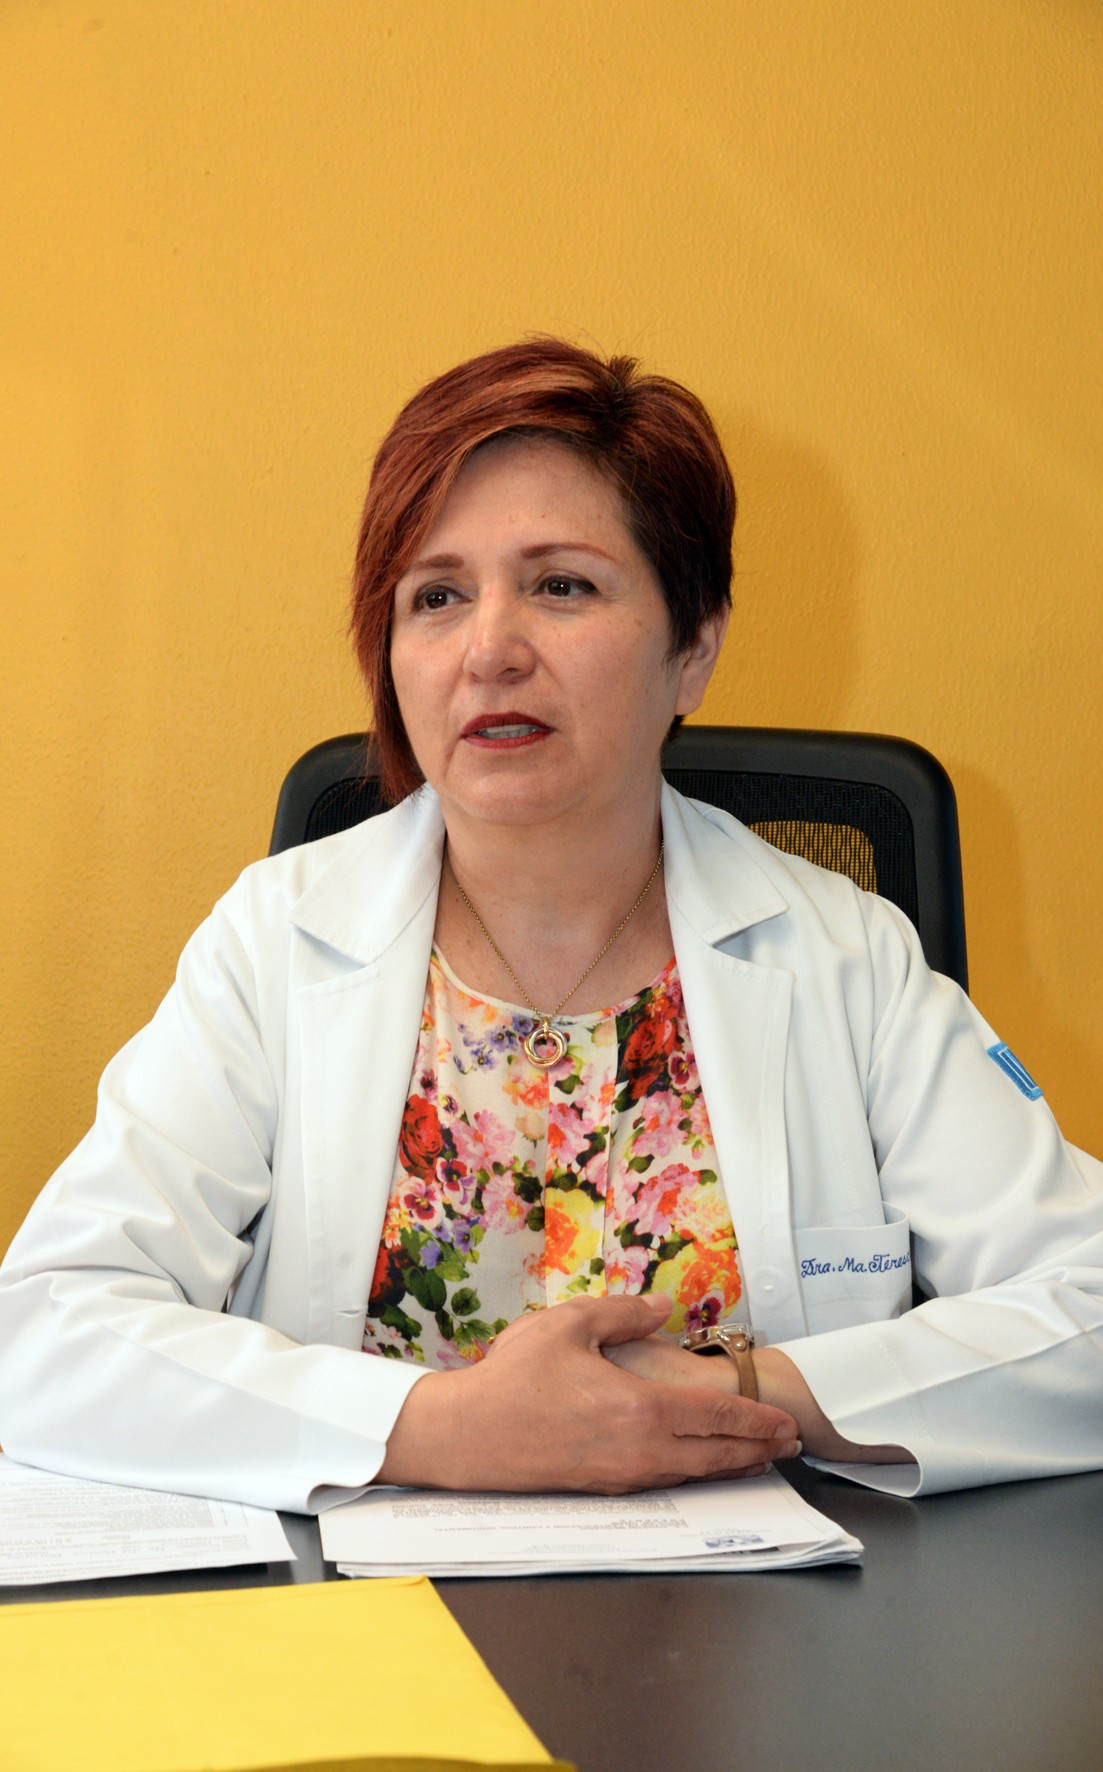 LA DIABETES GESTACIONAL AFECTA NO SÓLO A LA MADRE, TAMBIÉN AL RECIÉN NACIDO